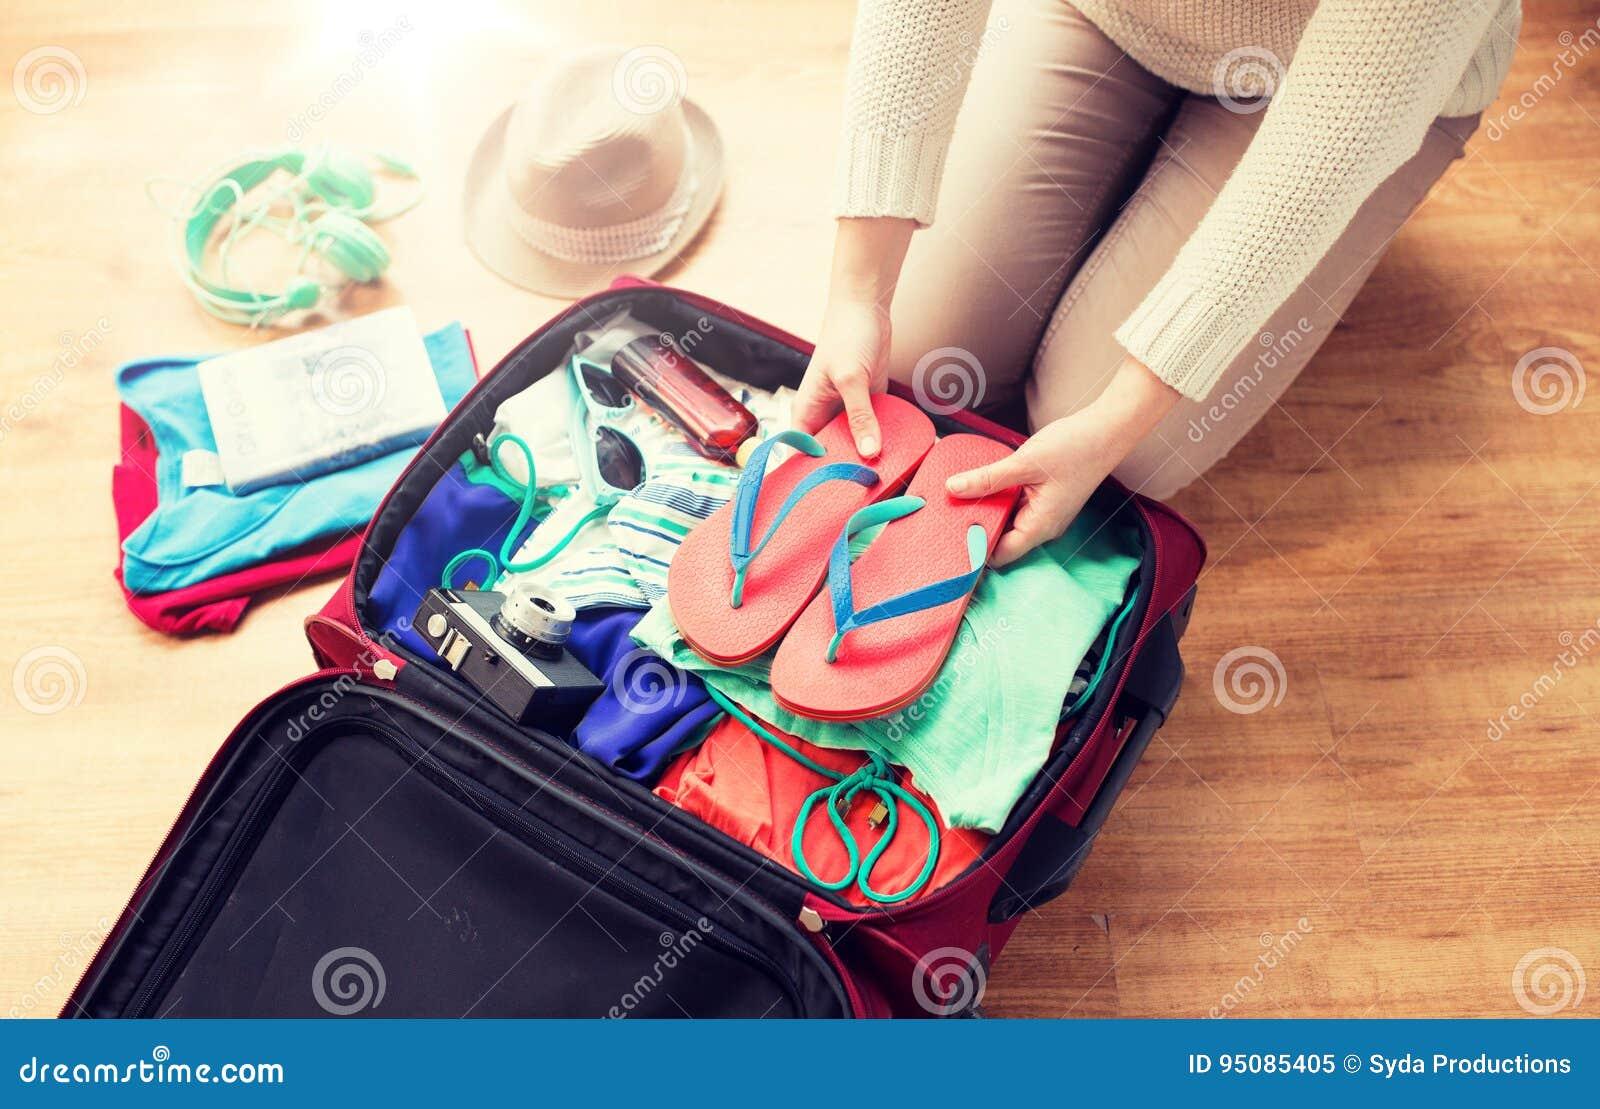 Cierre para arriba del bolso del viaje del embalaje de la mujer para las vacaciones